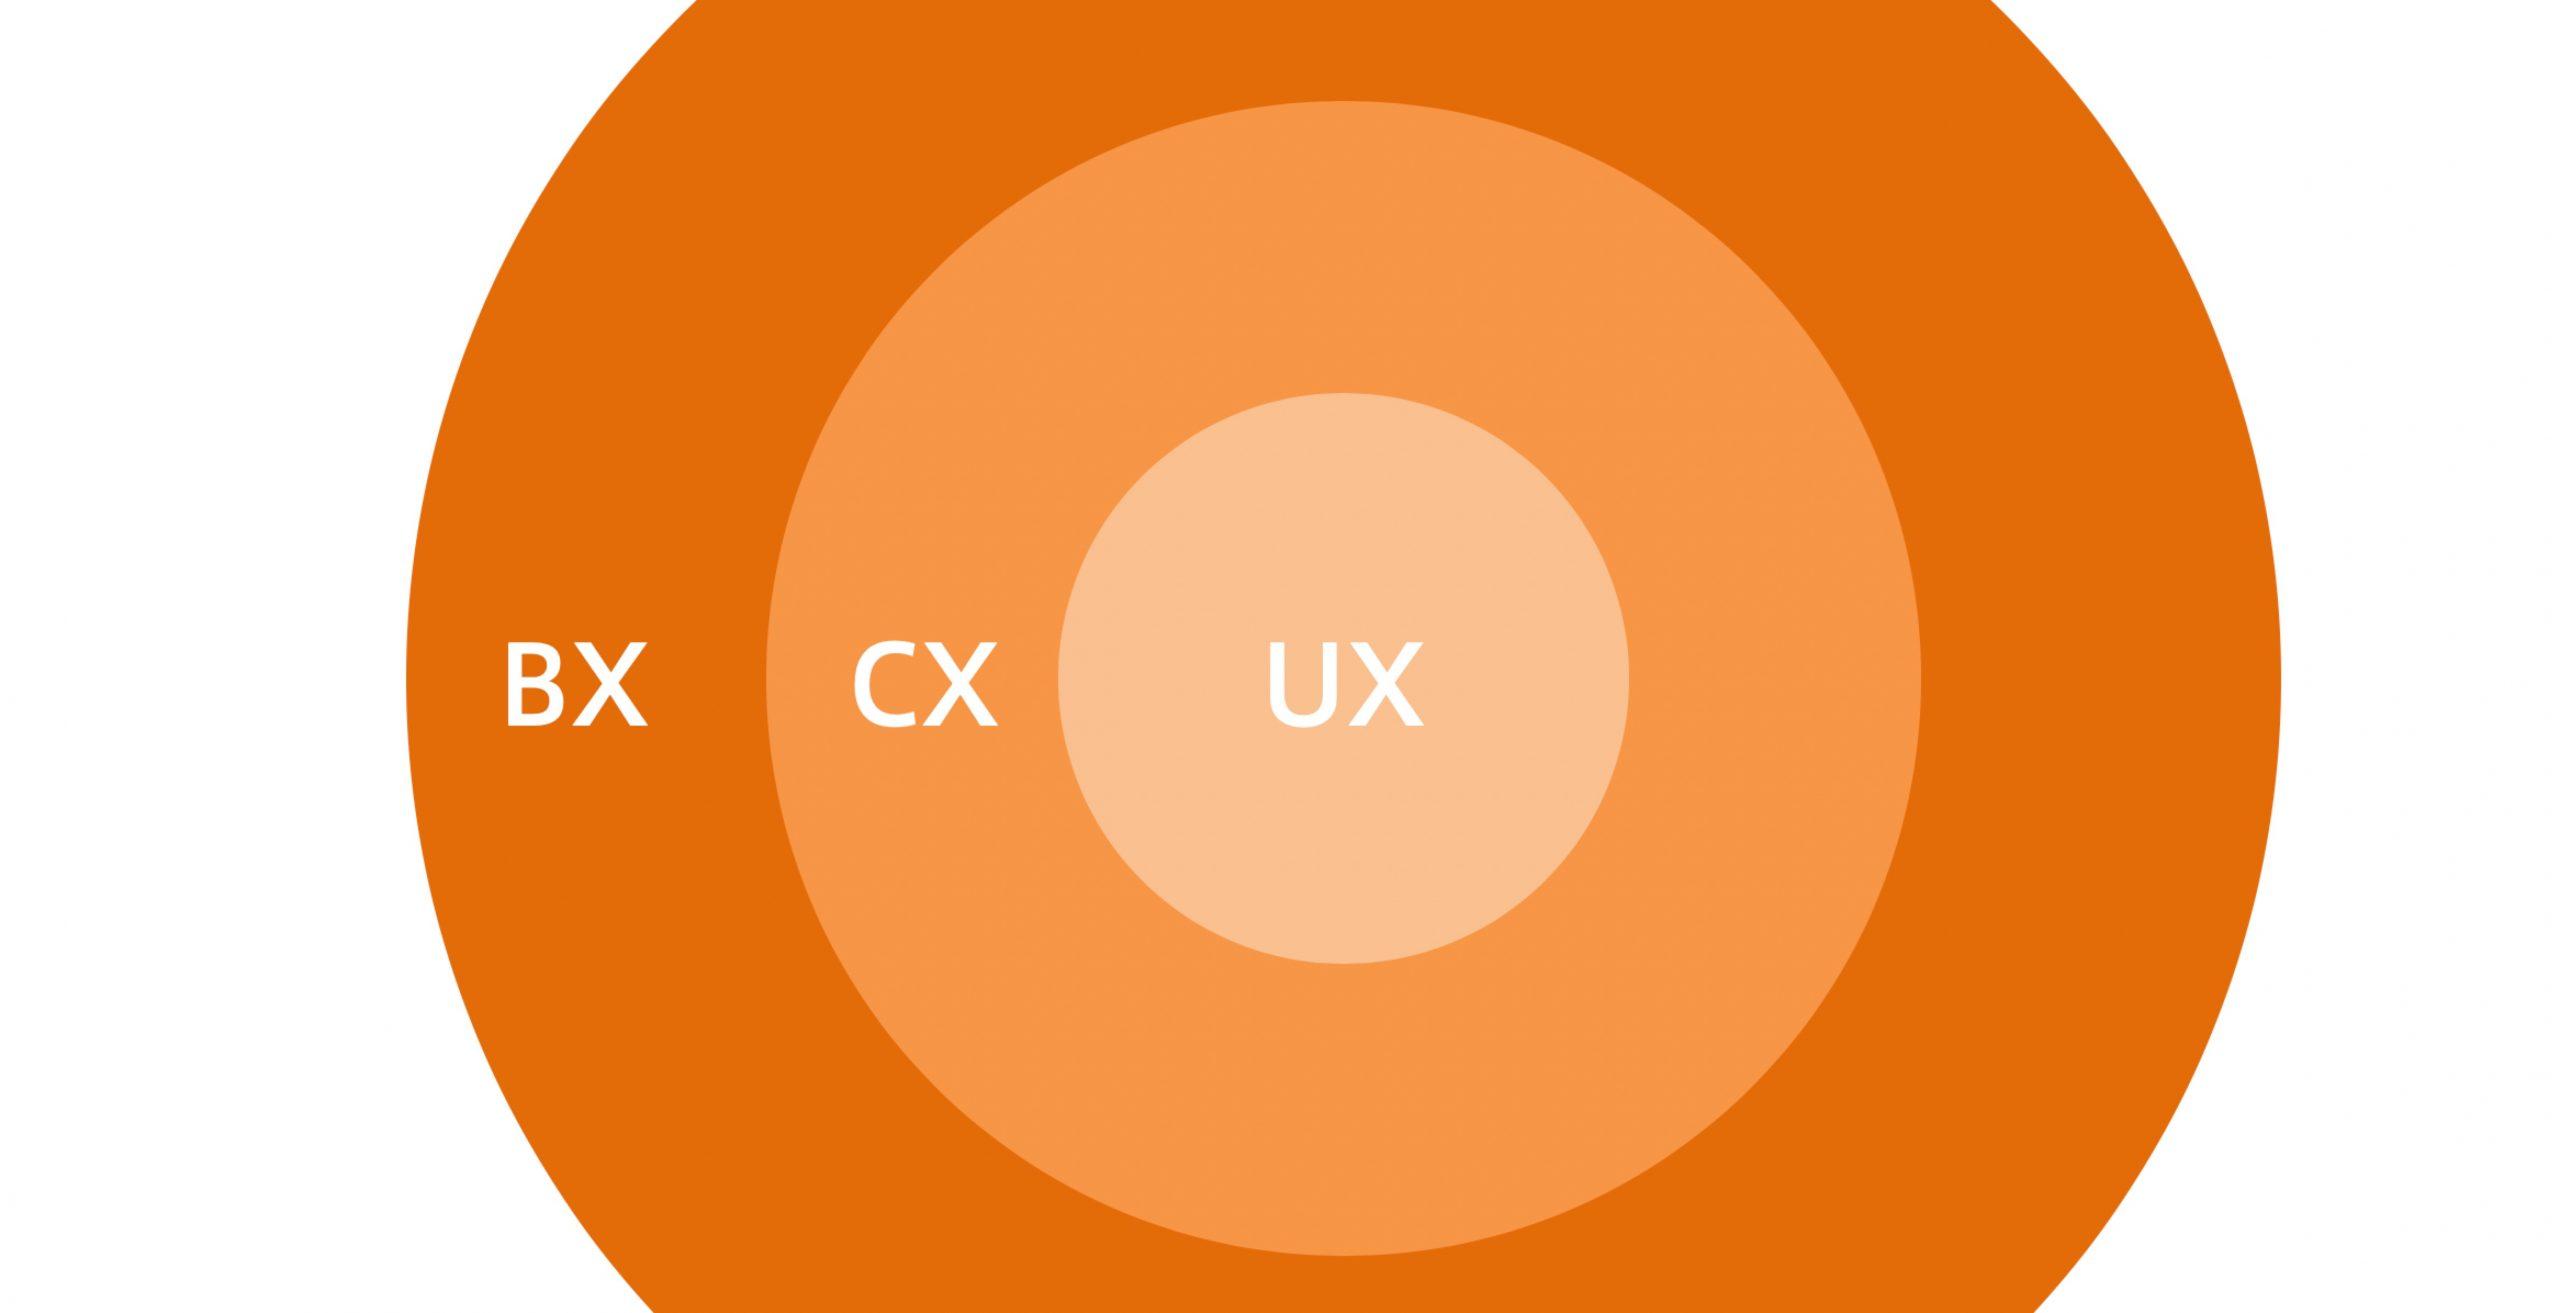 UXの上位にあるBX (Brand Experience) ブランド体験創出とは